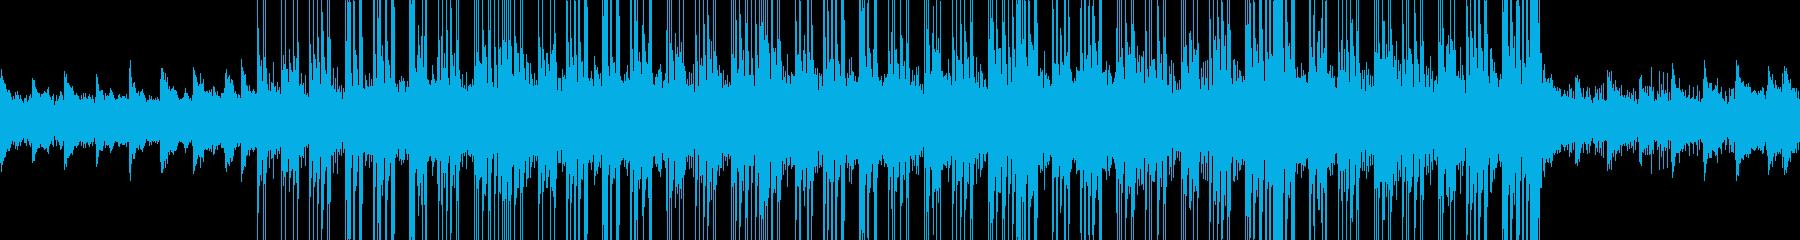 おしゃれで聞きやすいsmoothjazzの再生済みの波形